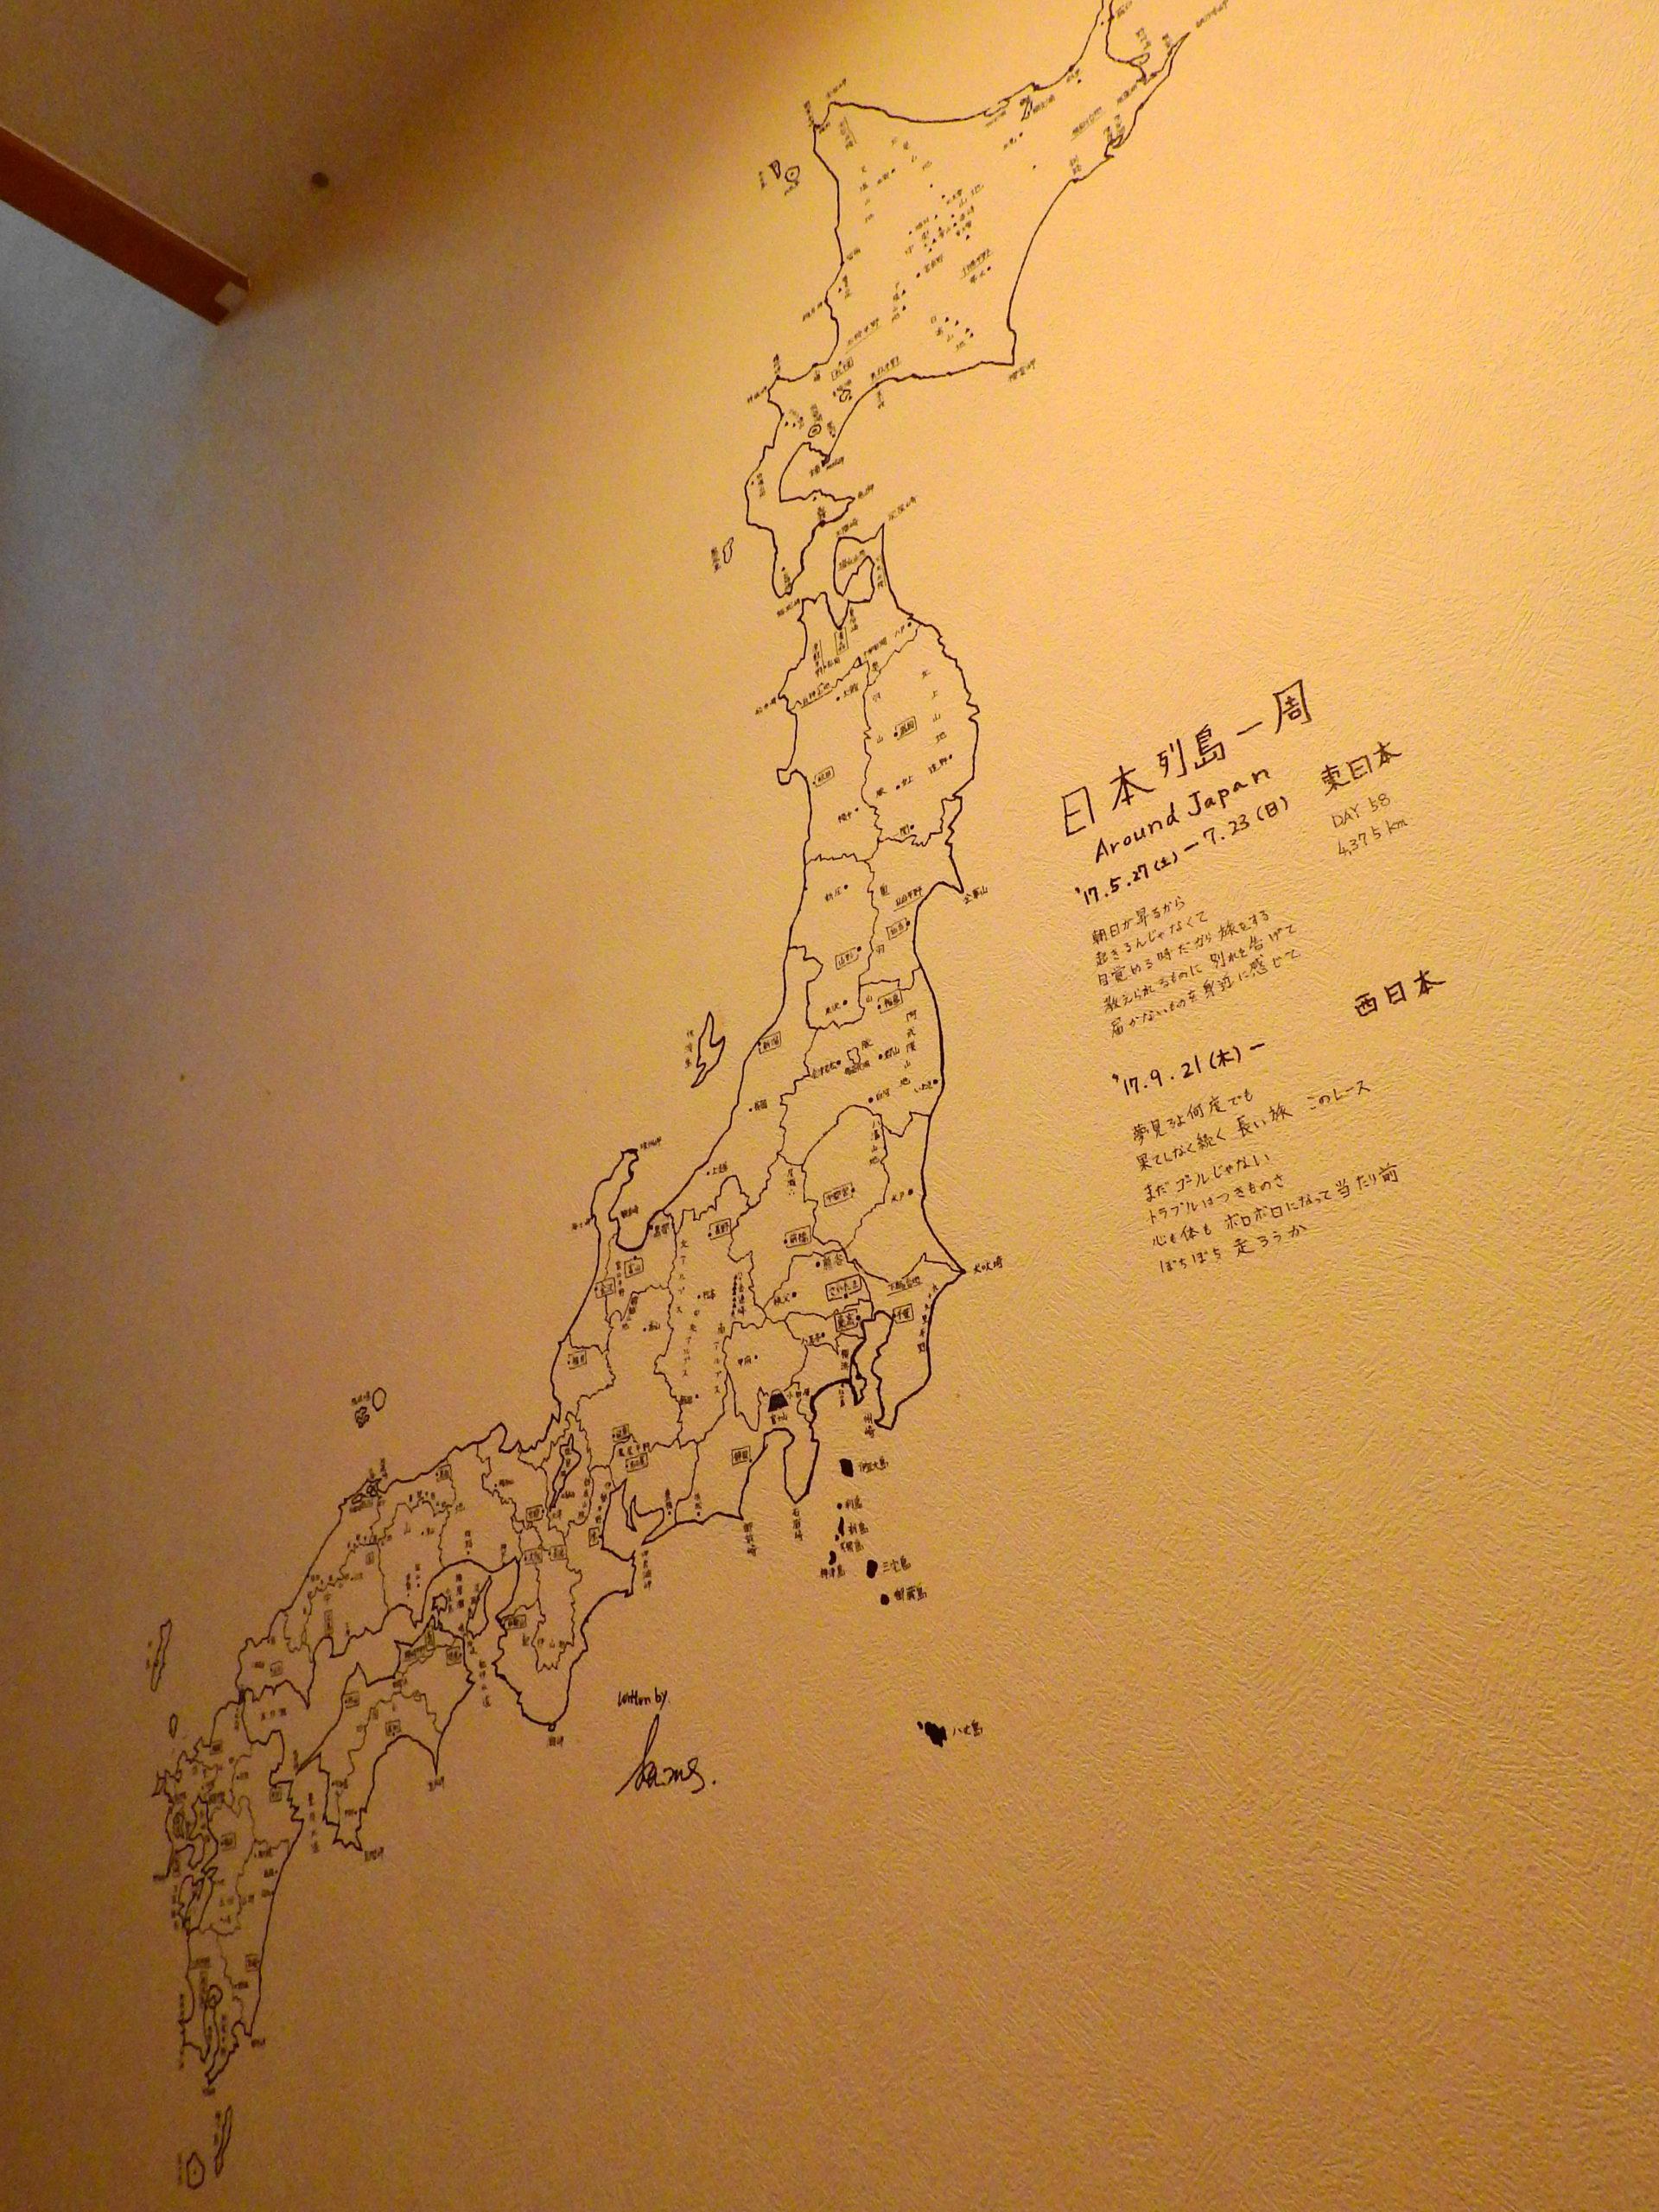 日本一周 壁紙